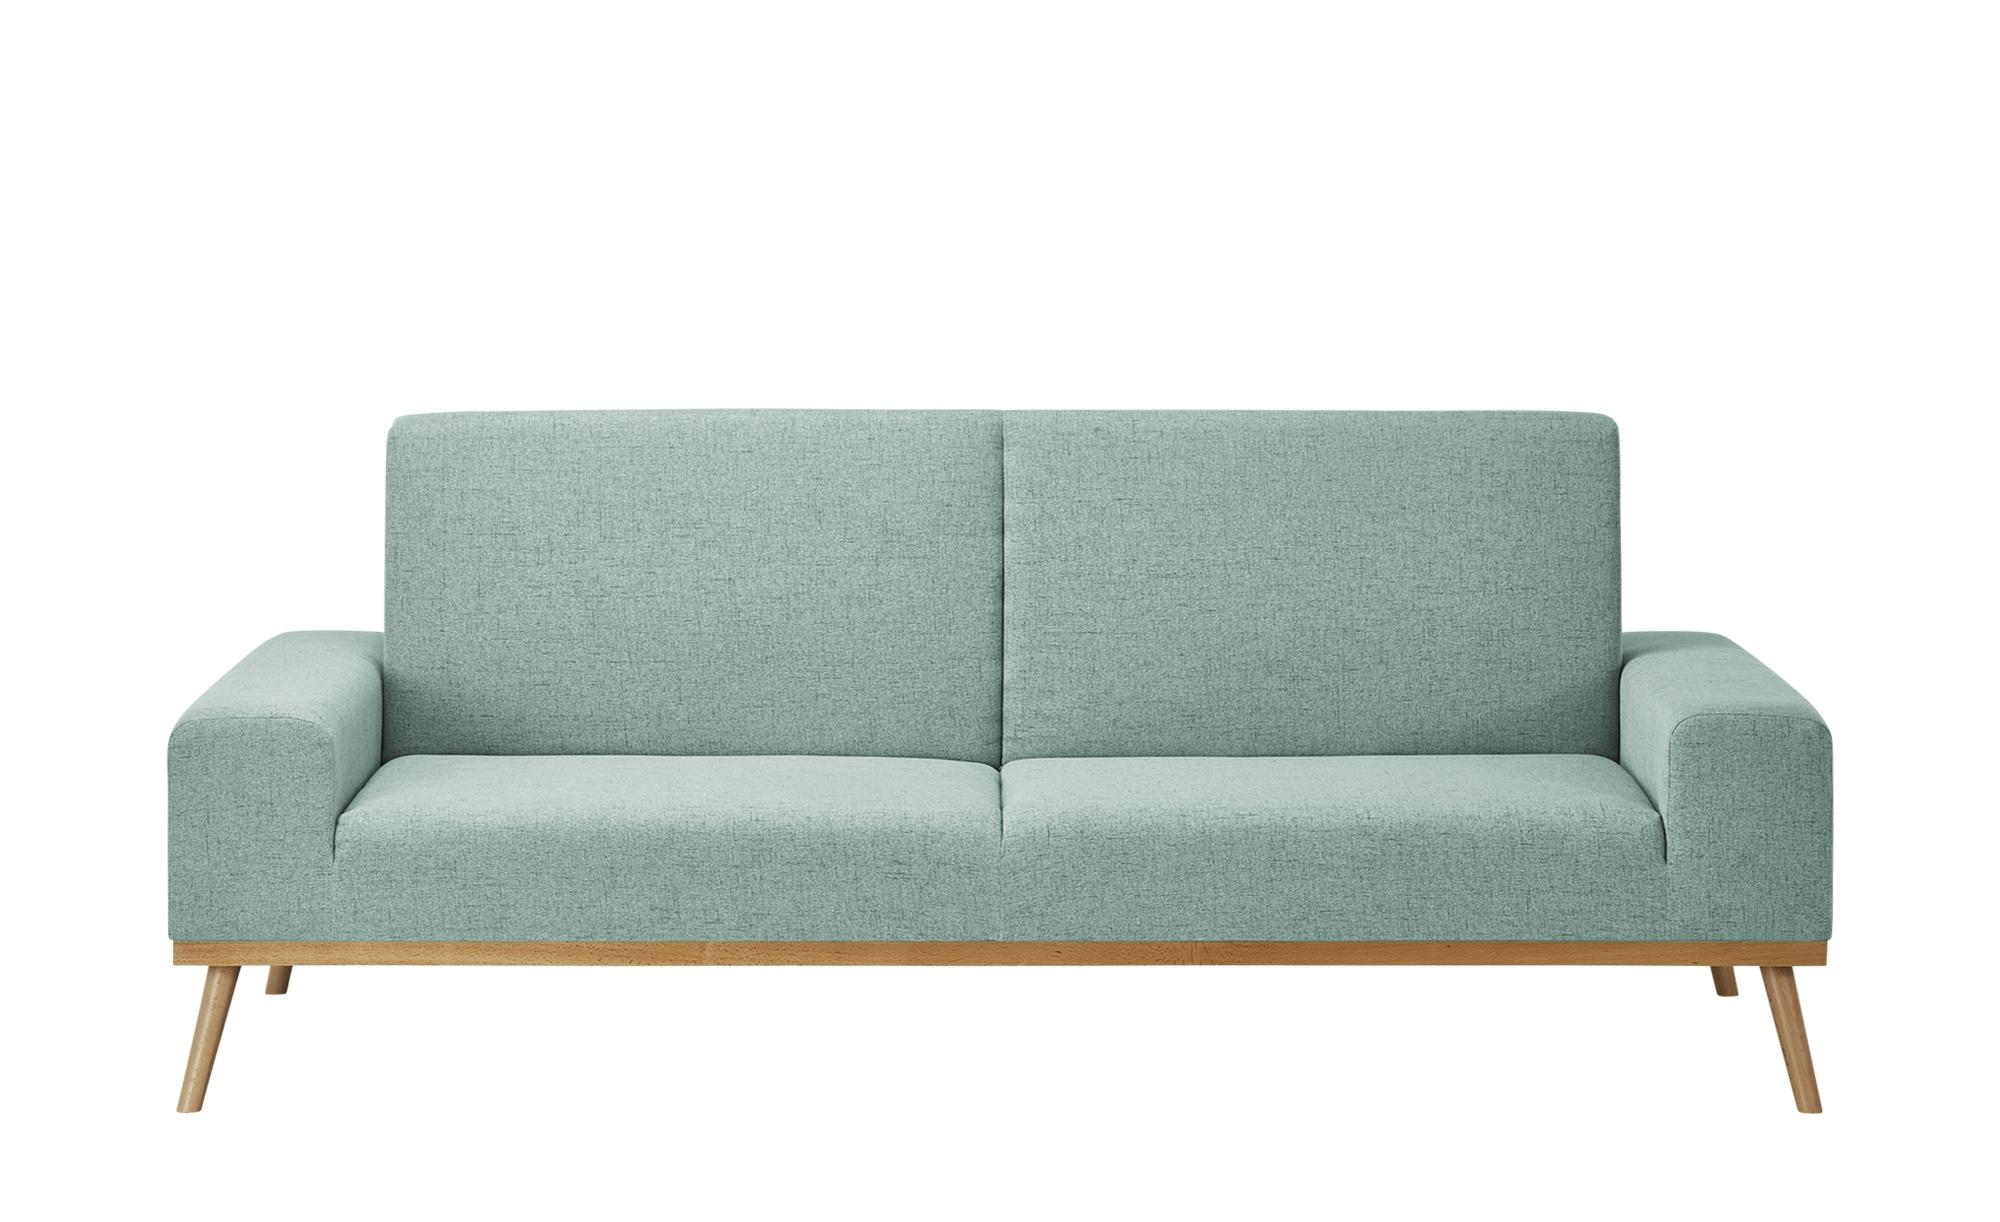 smart Sofa mit Funktion  Alis ¦ blau ¦ Maße (cm): B: 223 H: 90 T: 100 Polstermöbel > Sofas > Einzelsofas - Höffner